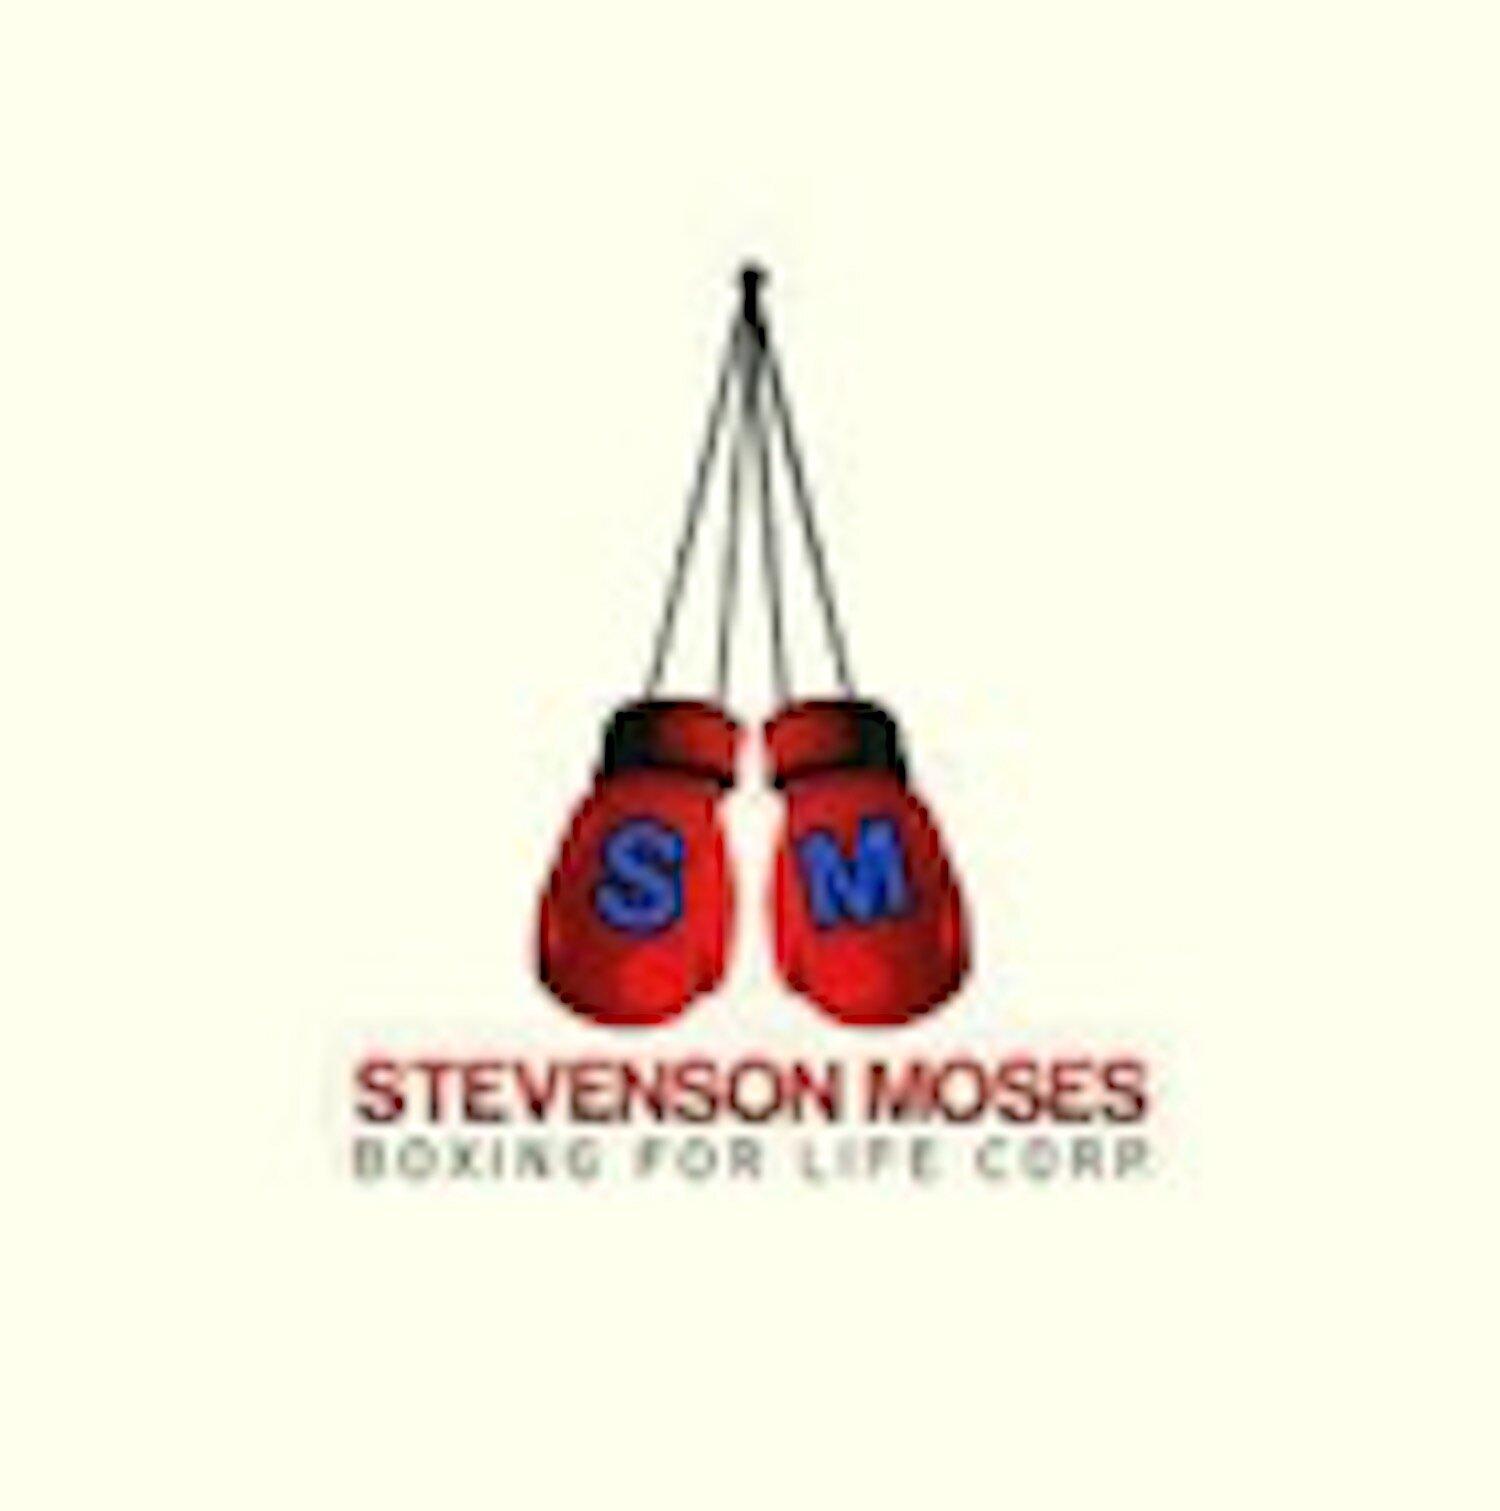 Stevenson Moses Boxing For Life Copr.jpg